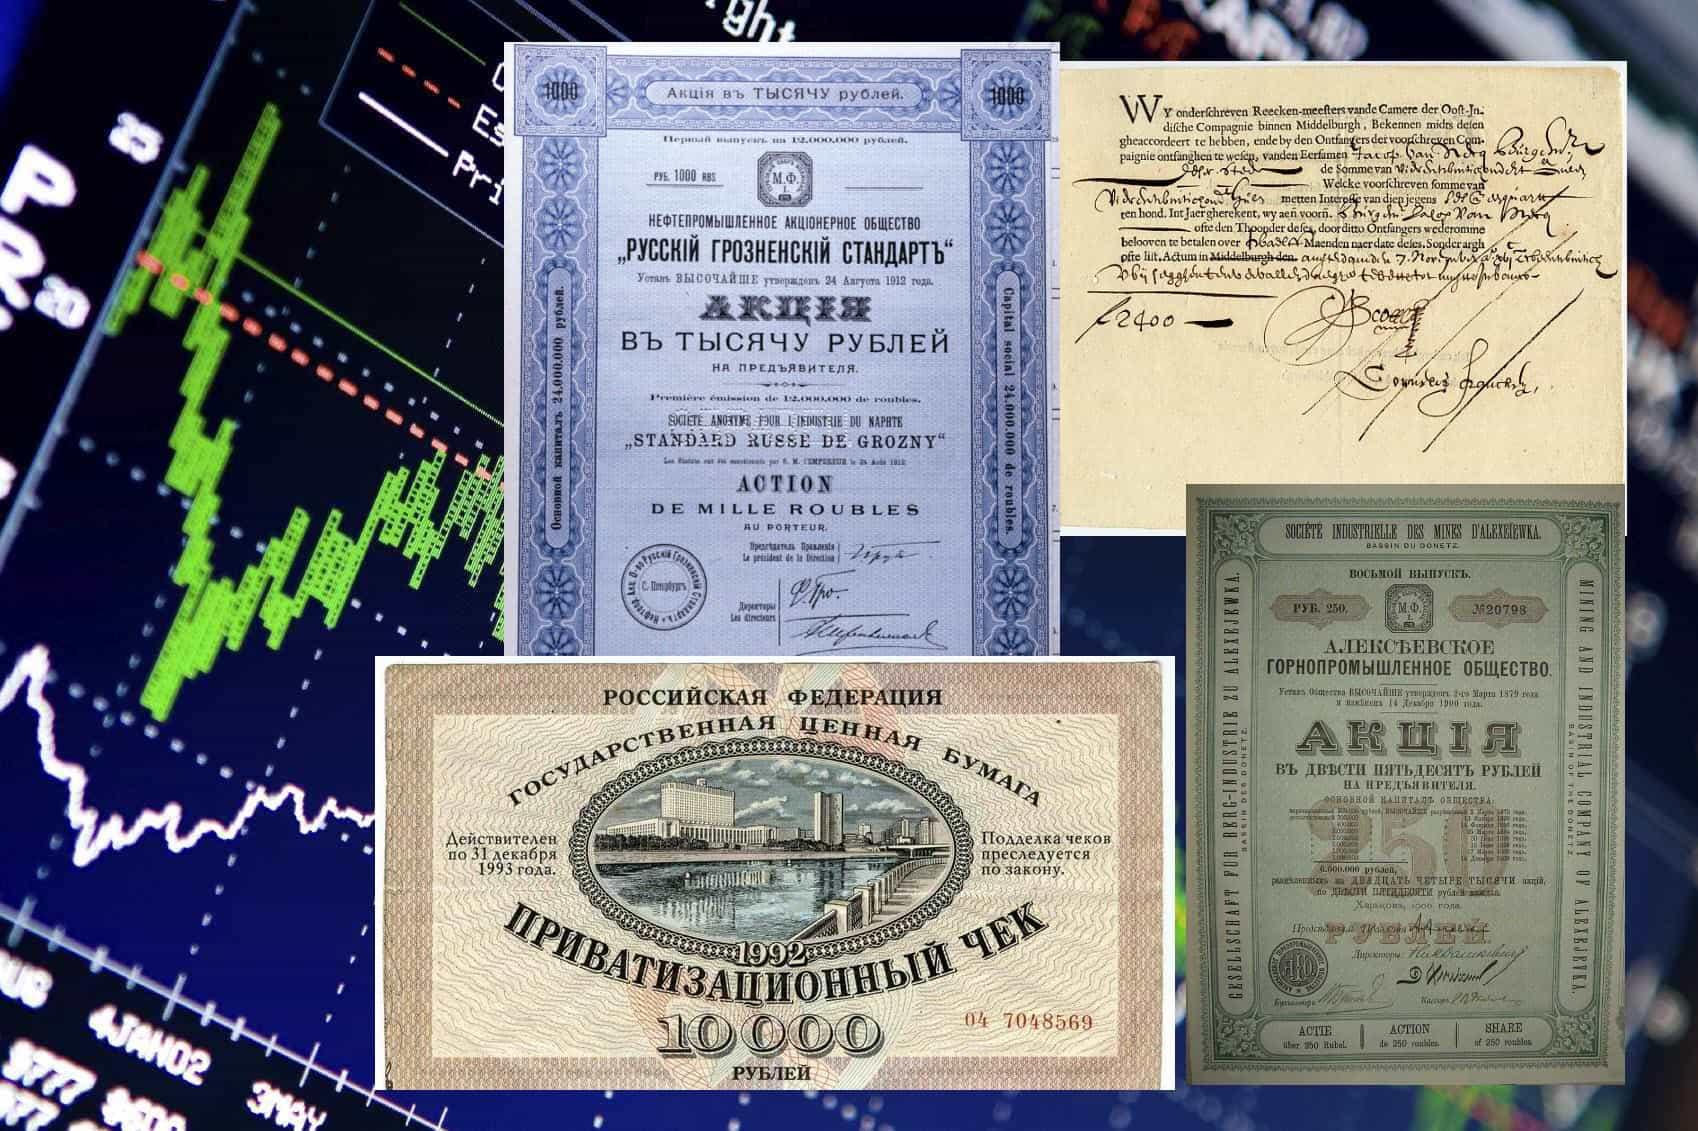 Все, что нужно знать о выкупе акций и офертах